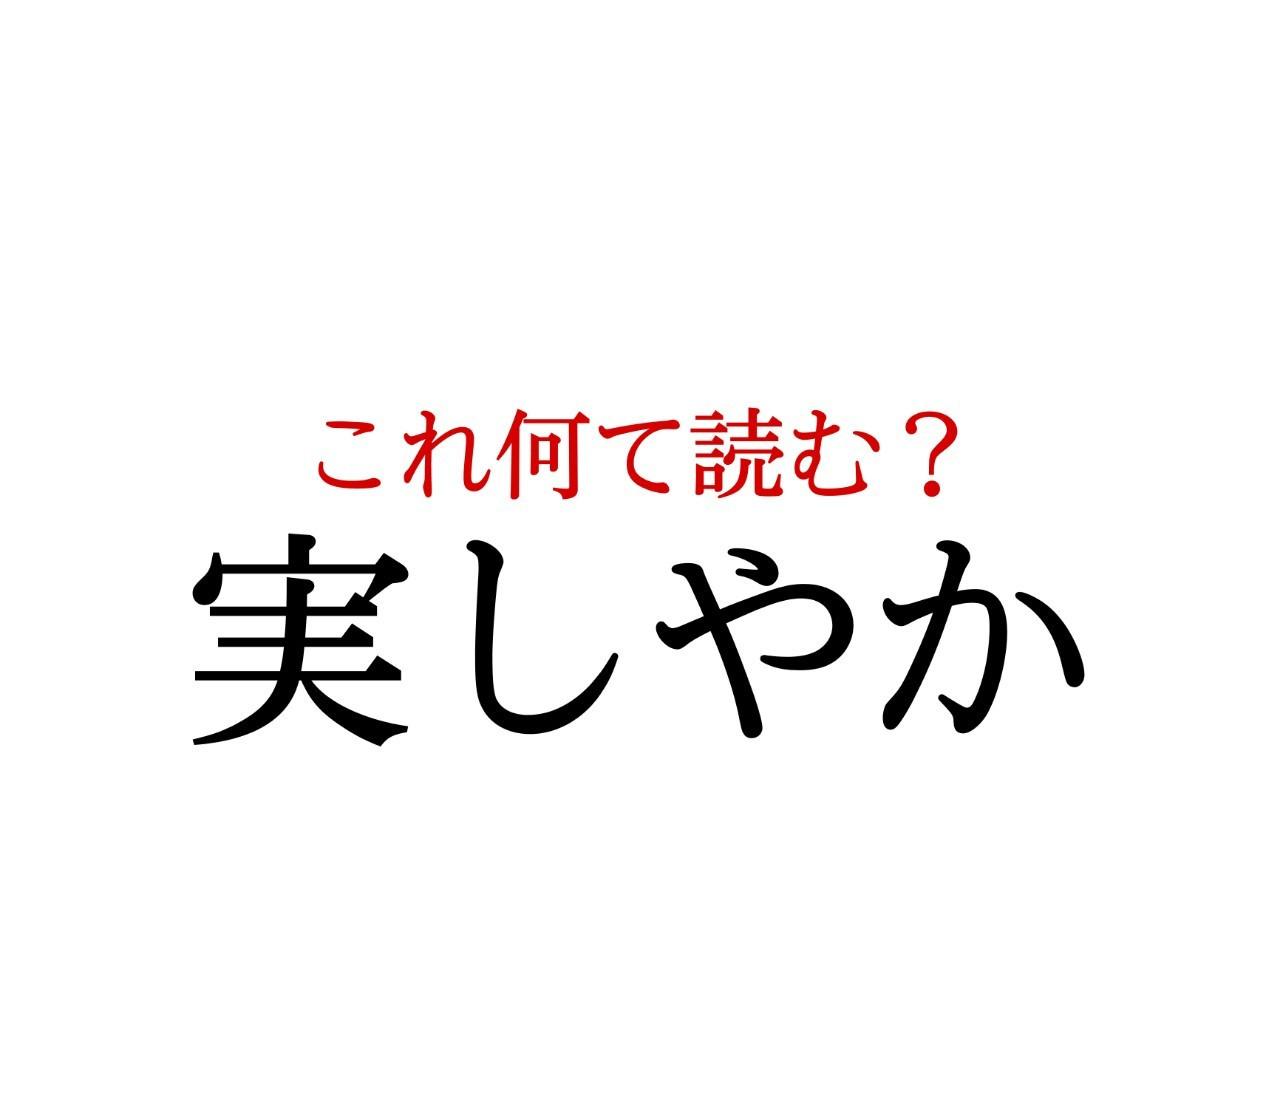 「実しやか」:この漢字、自信を持って読めますか?【働く大人の漢字クイズvol.205】